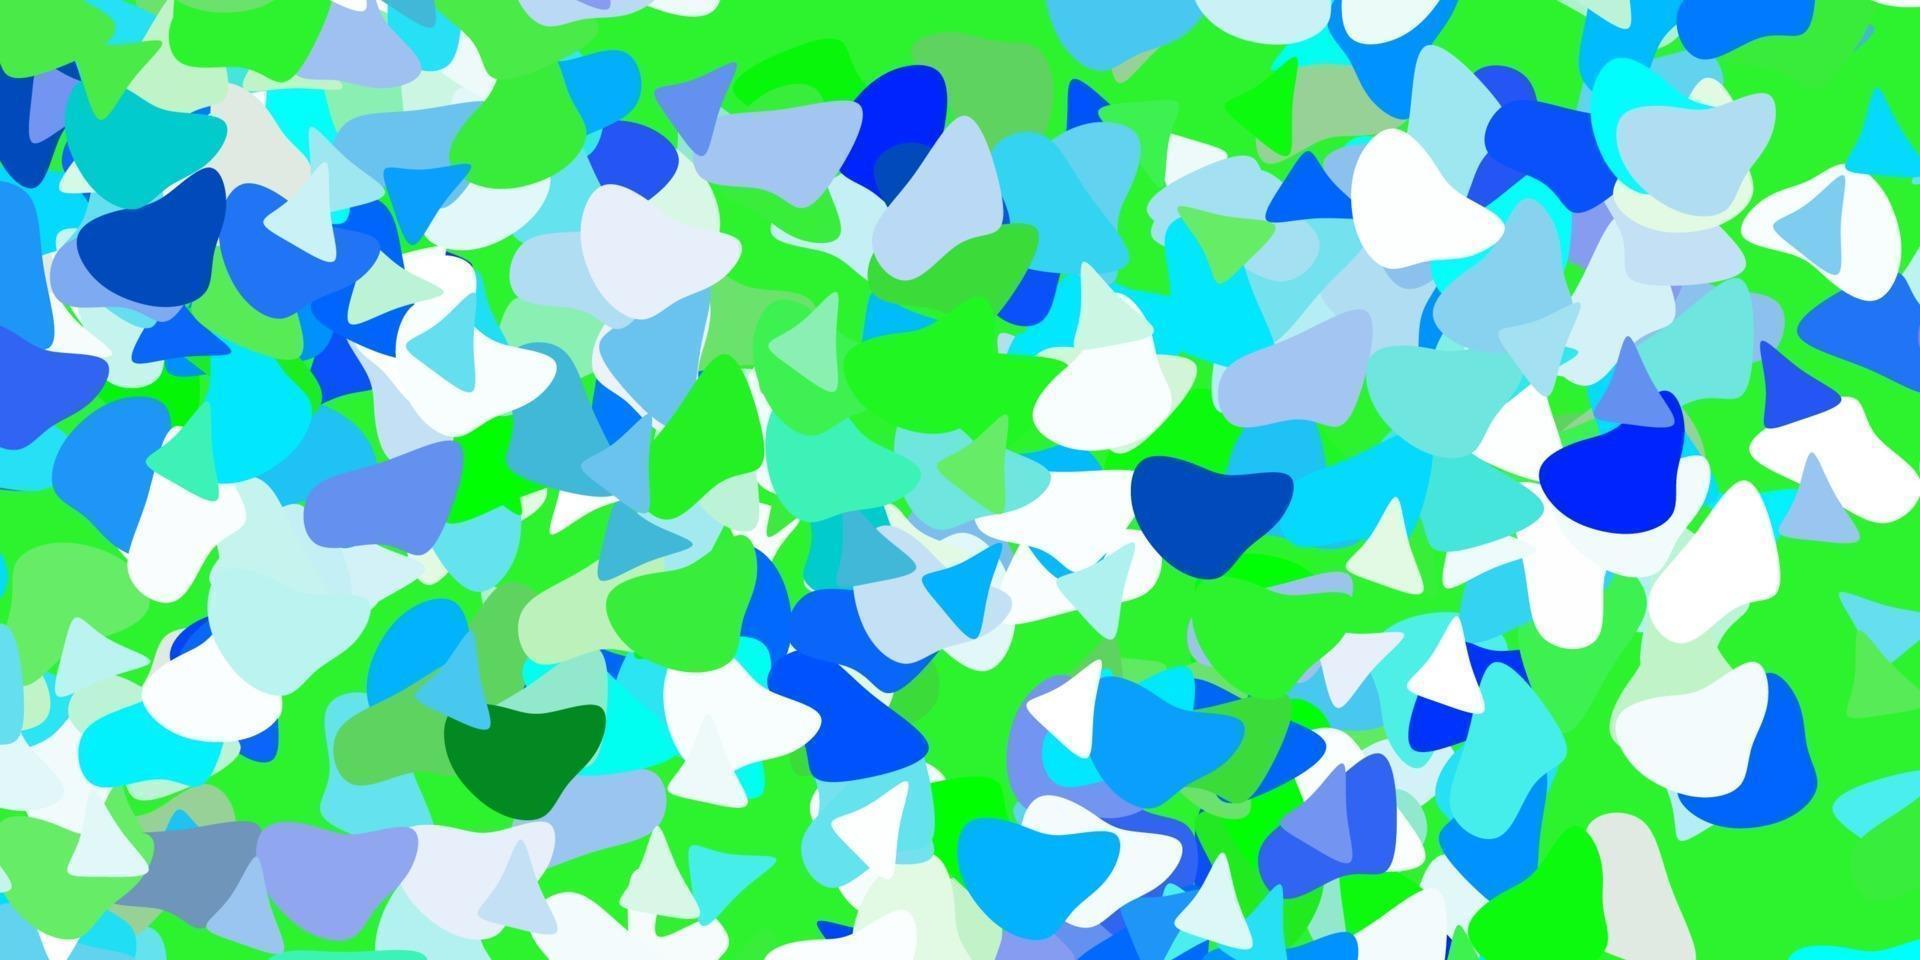 textura vector azul claro e verde com formas de memphis.